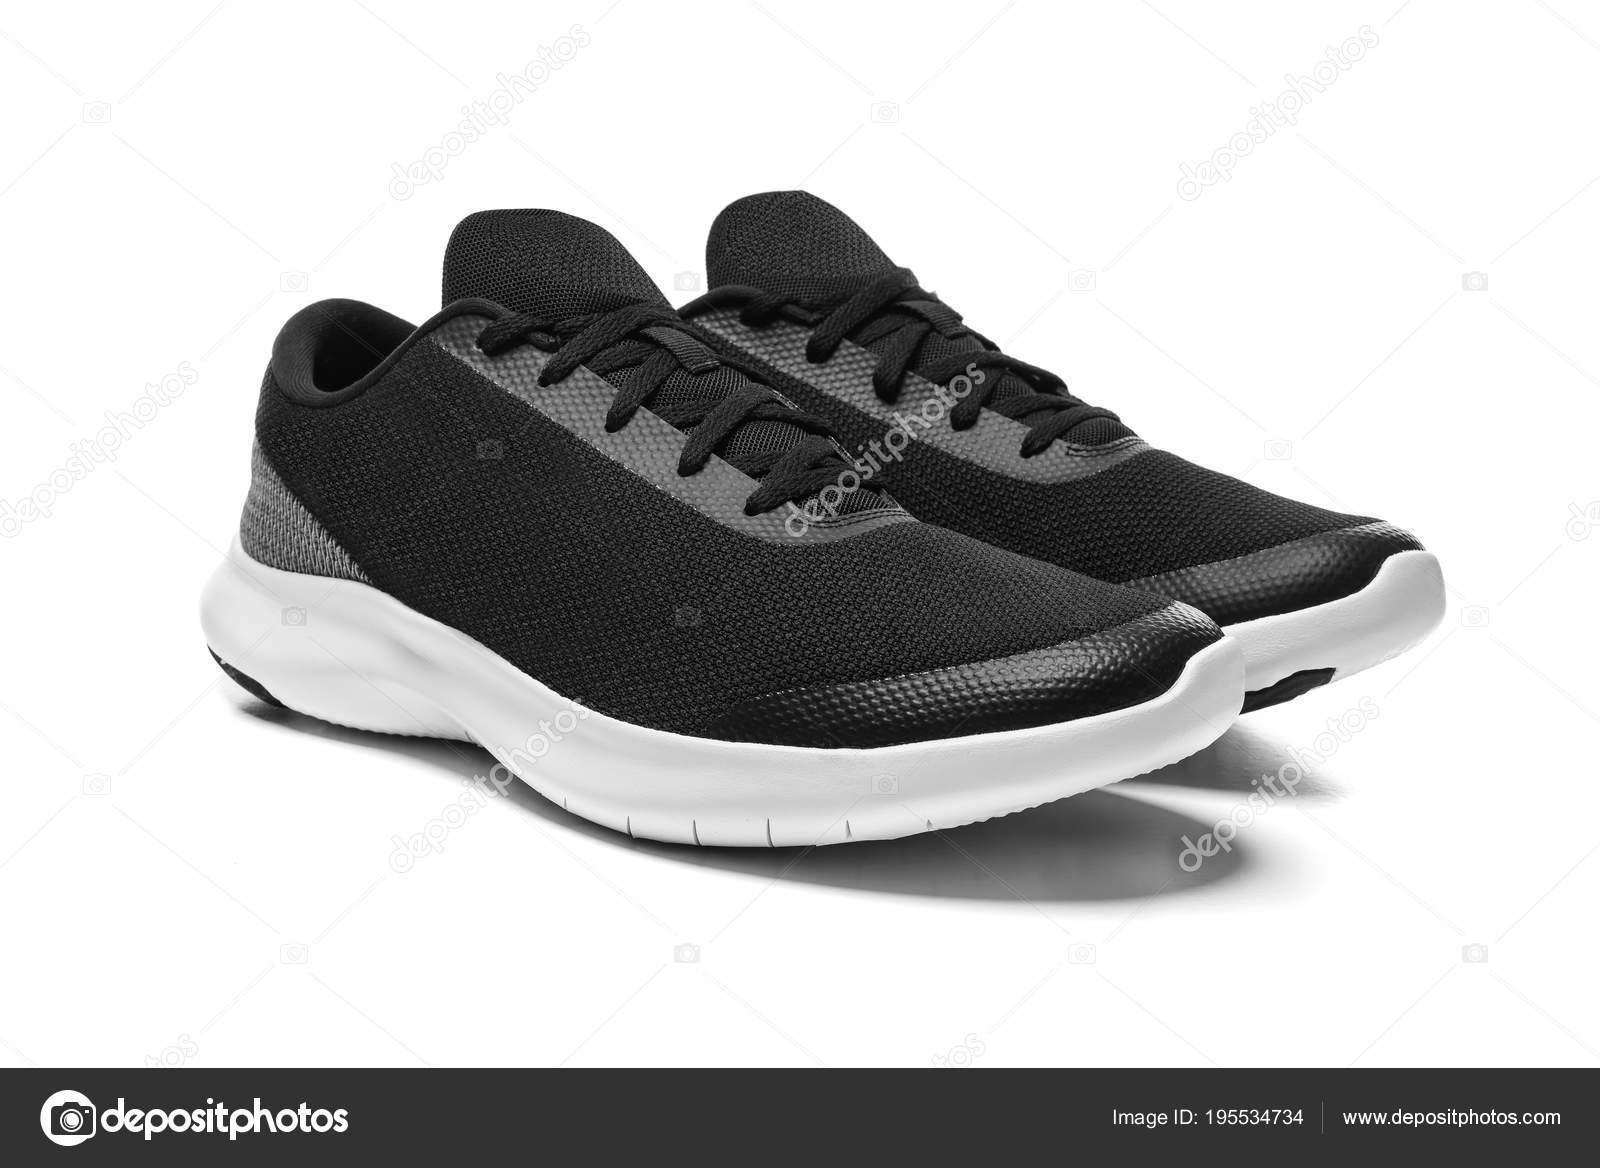 afc5ed61453 Unbranded μοντέρνα ύπουλος απομονωθεί σε λευκό φόντο. Μαύρα αθλητικά  παπούτσια — Εικόνα από ...